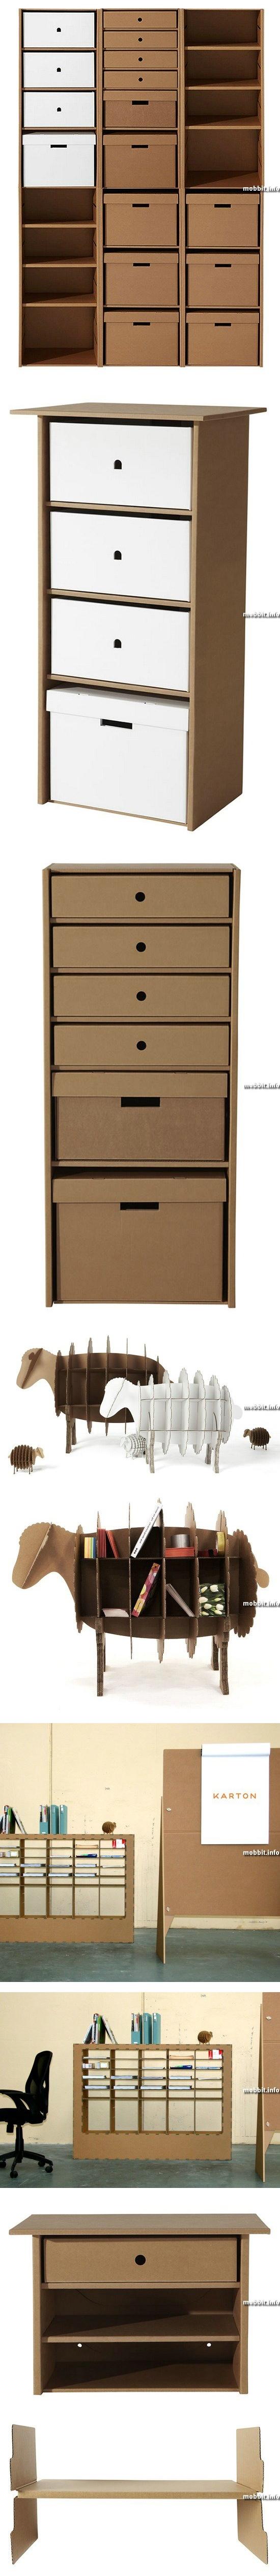 Картонная мебель для дома